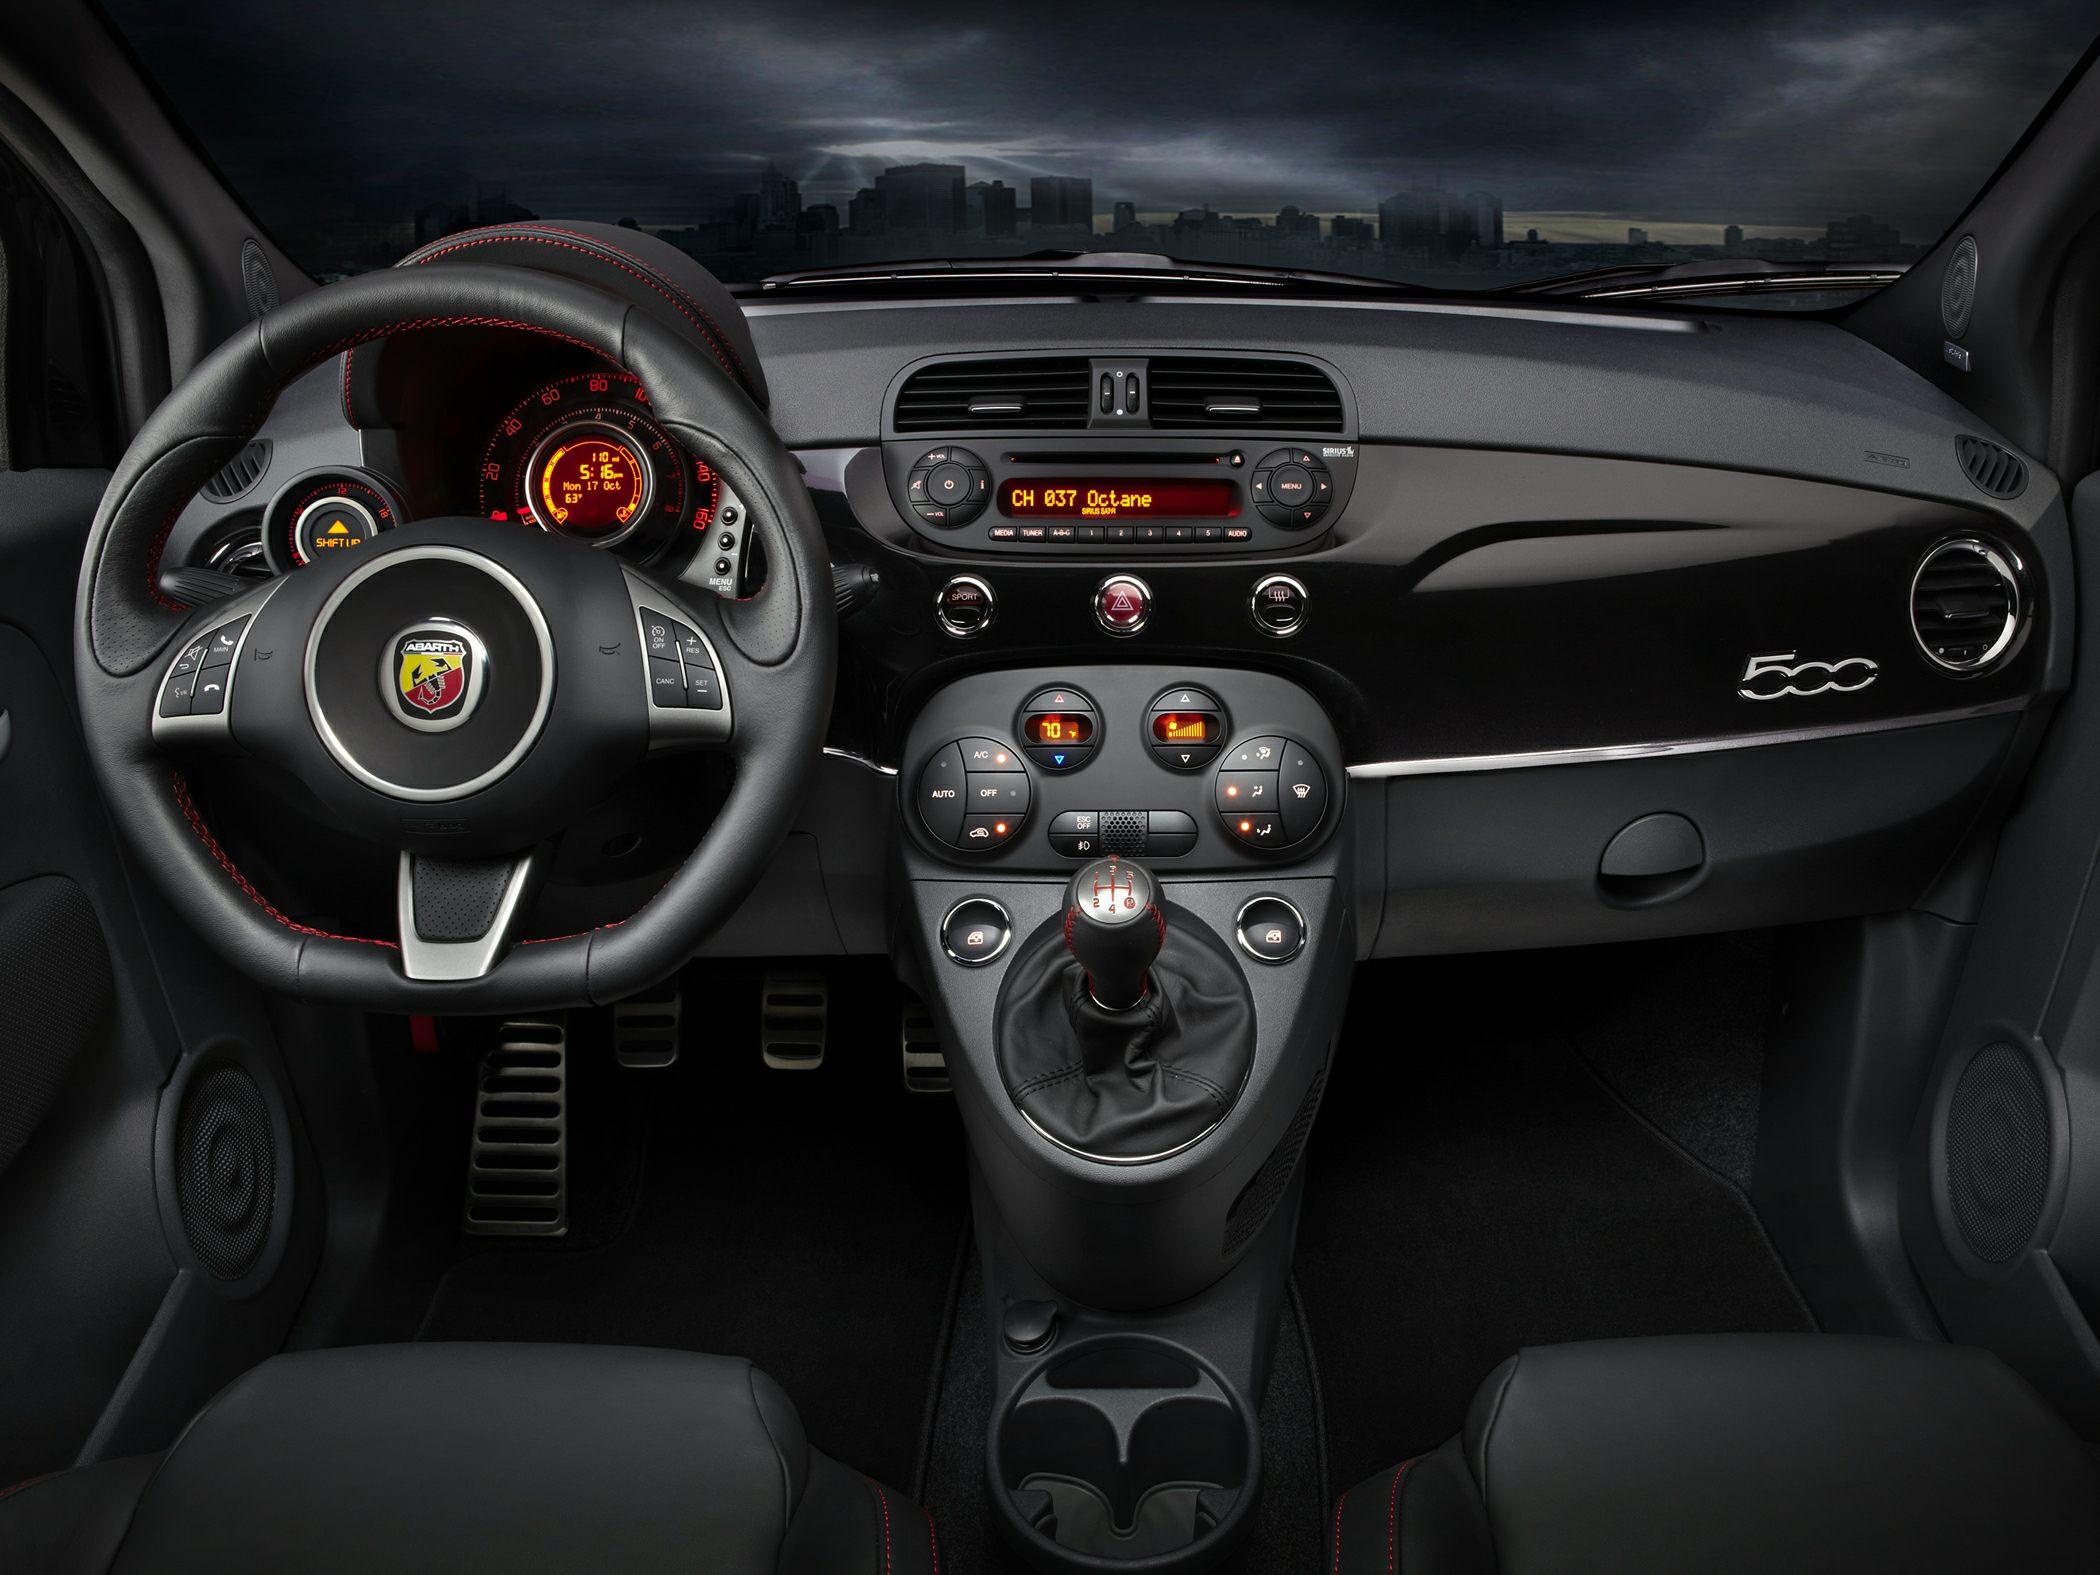 2014 Fiat 500 Glamour Interior